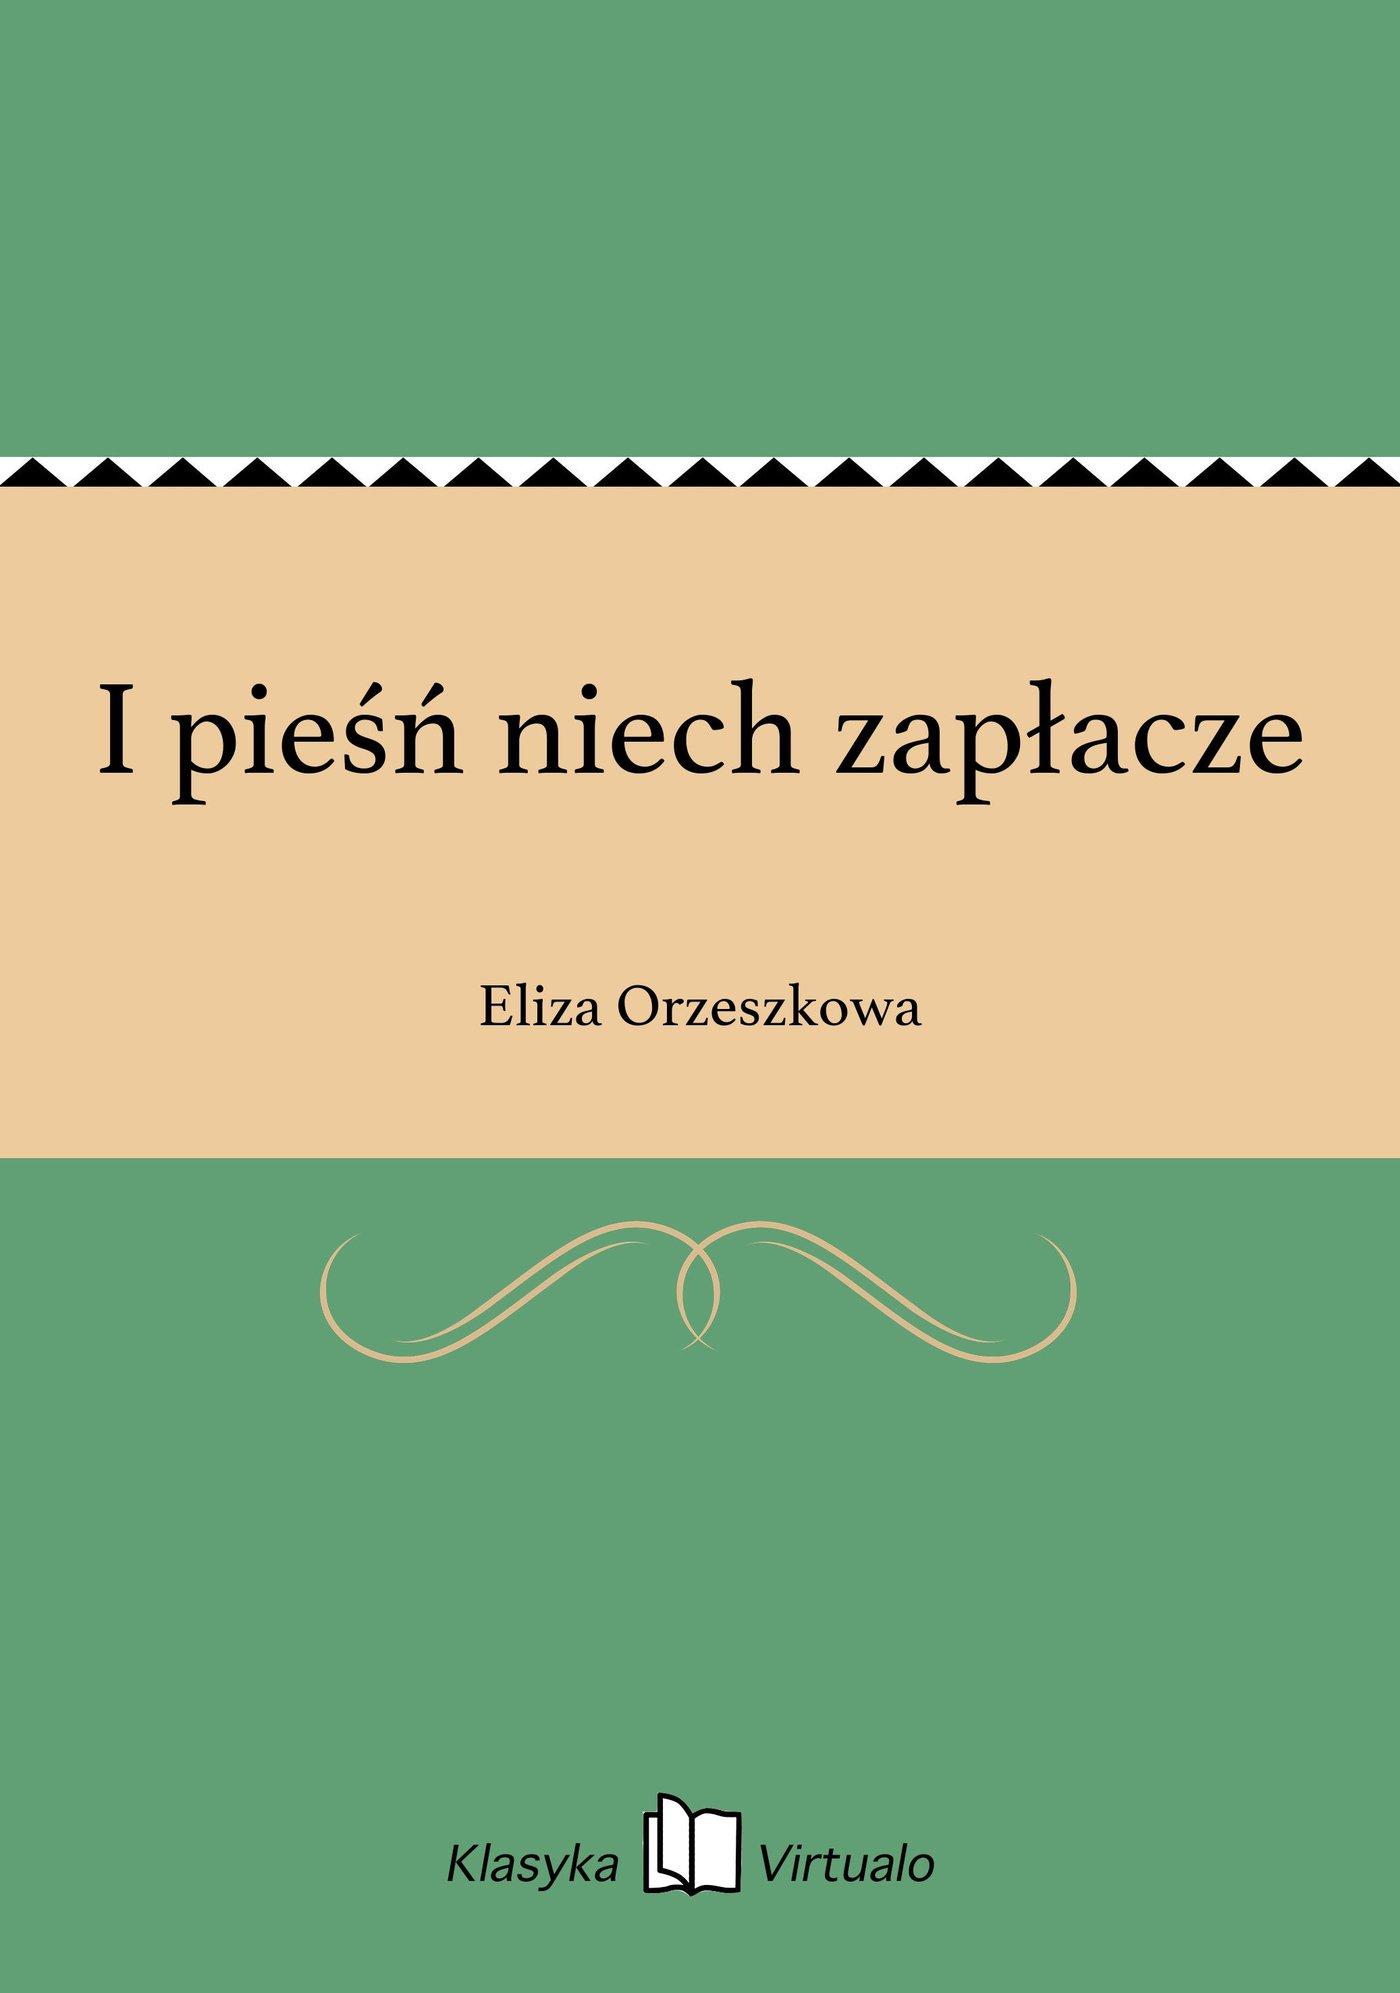 I pieśń niech zapłacze - Ebook (Książka EPUB) do pobrania w formacie EPUB